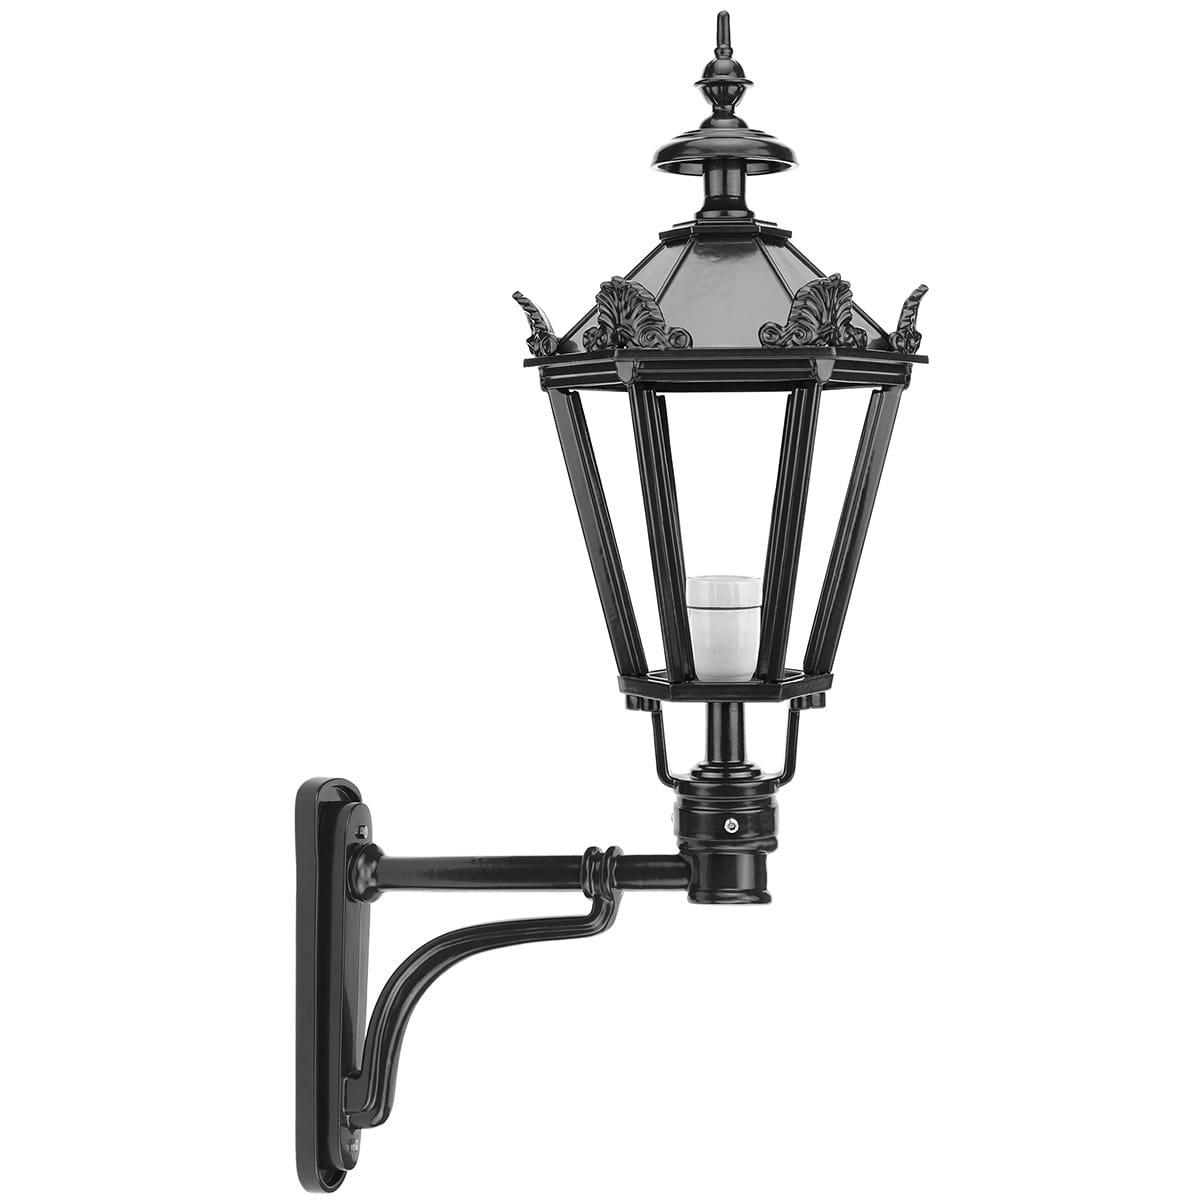 Buitenverlichting Klassiek Landelijk Muurlamp Dennenburg - 77 cm